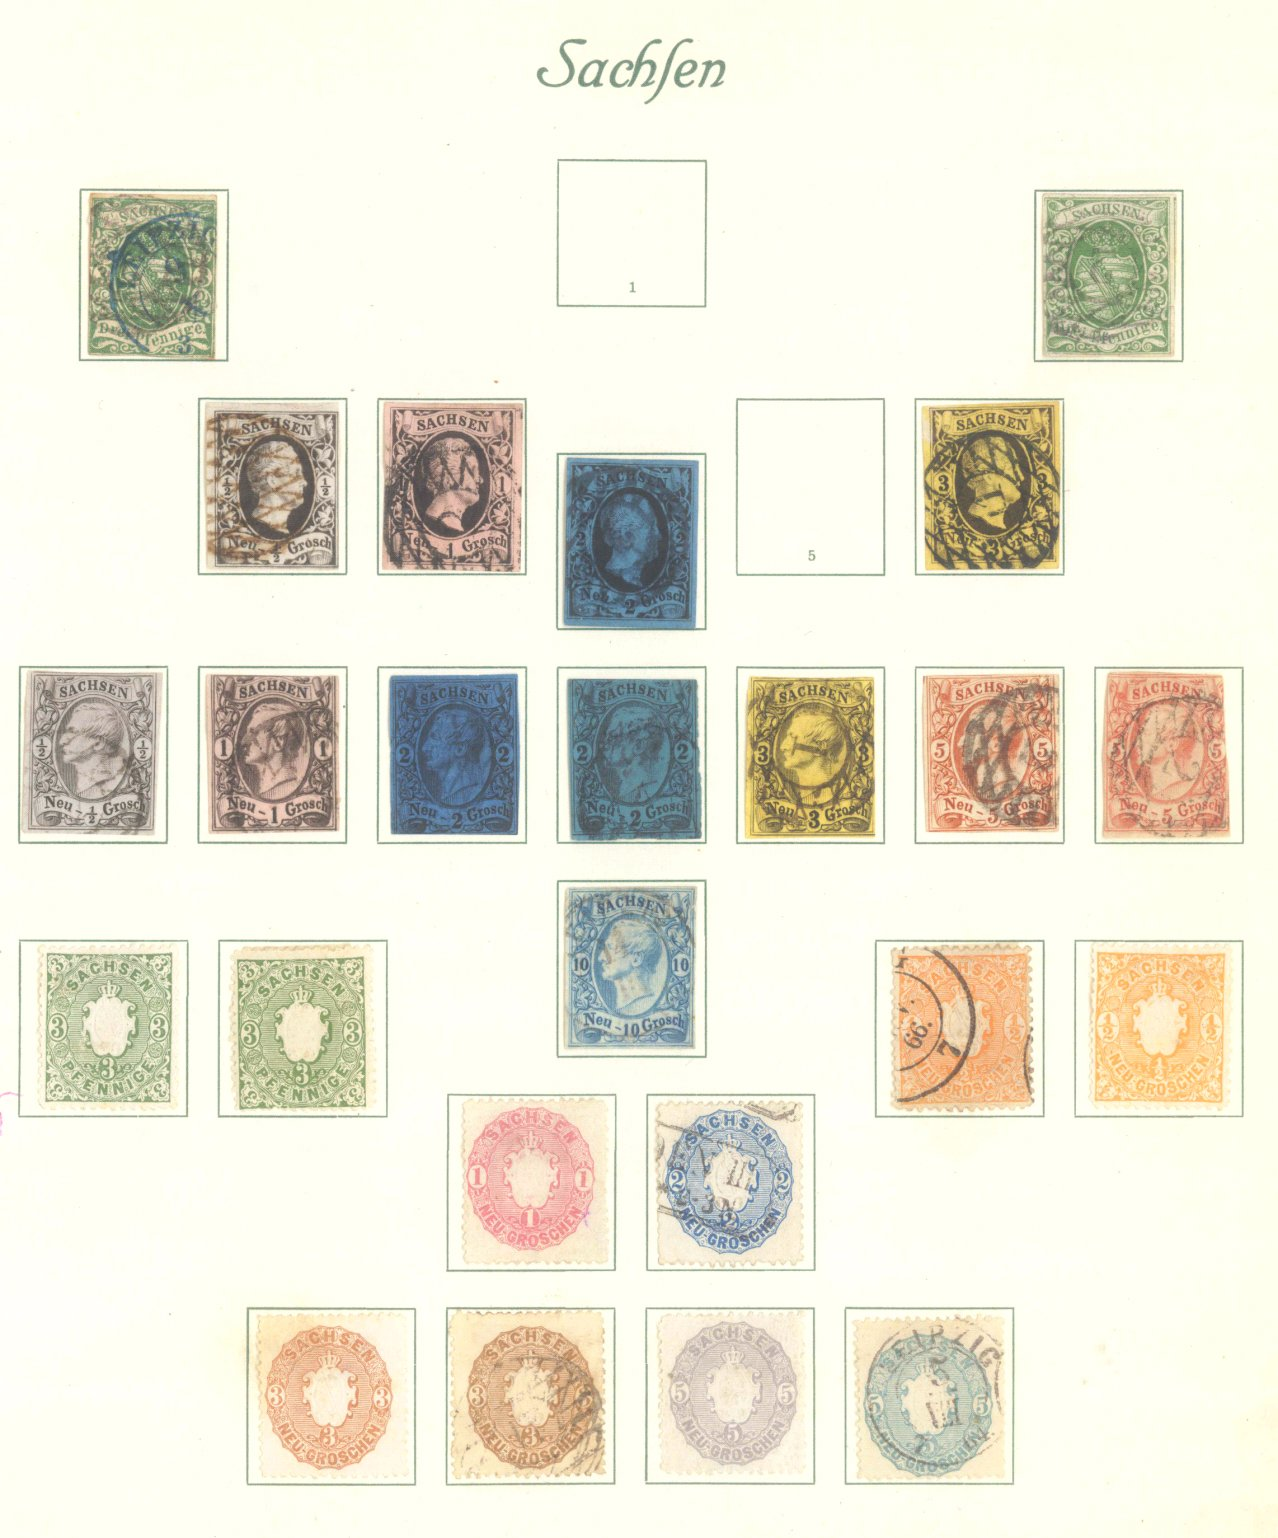 SACHSEN 1851-1863, interessante Sammlung …